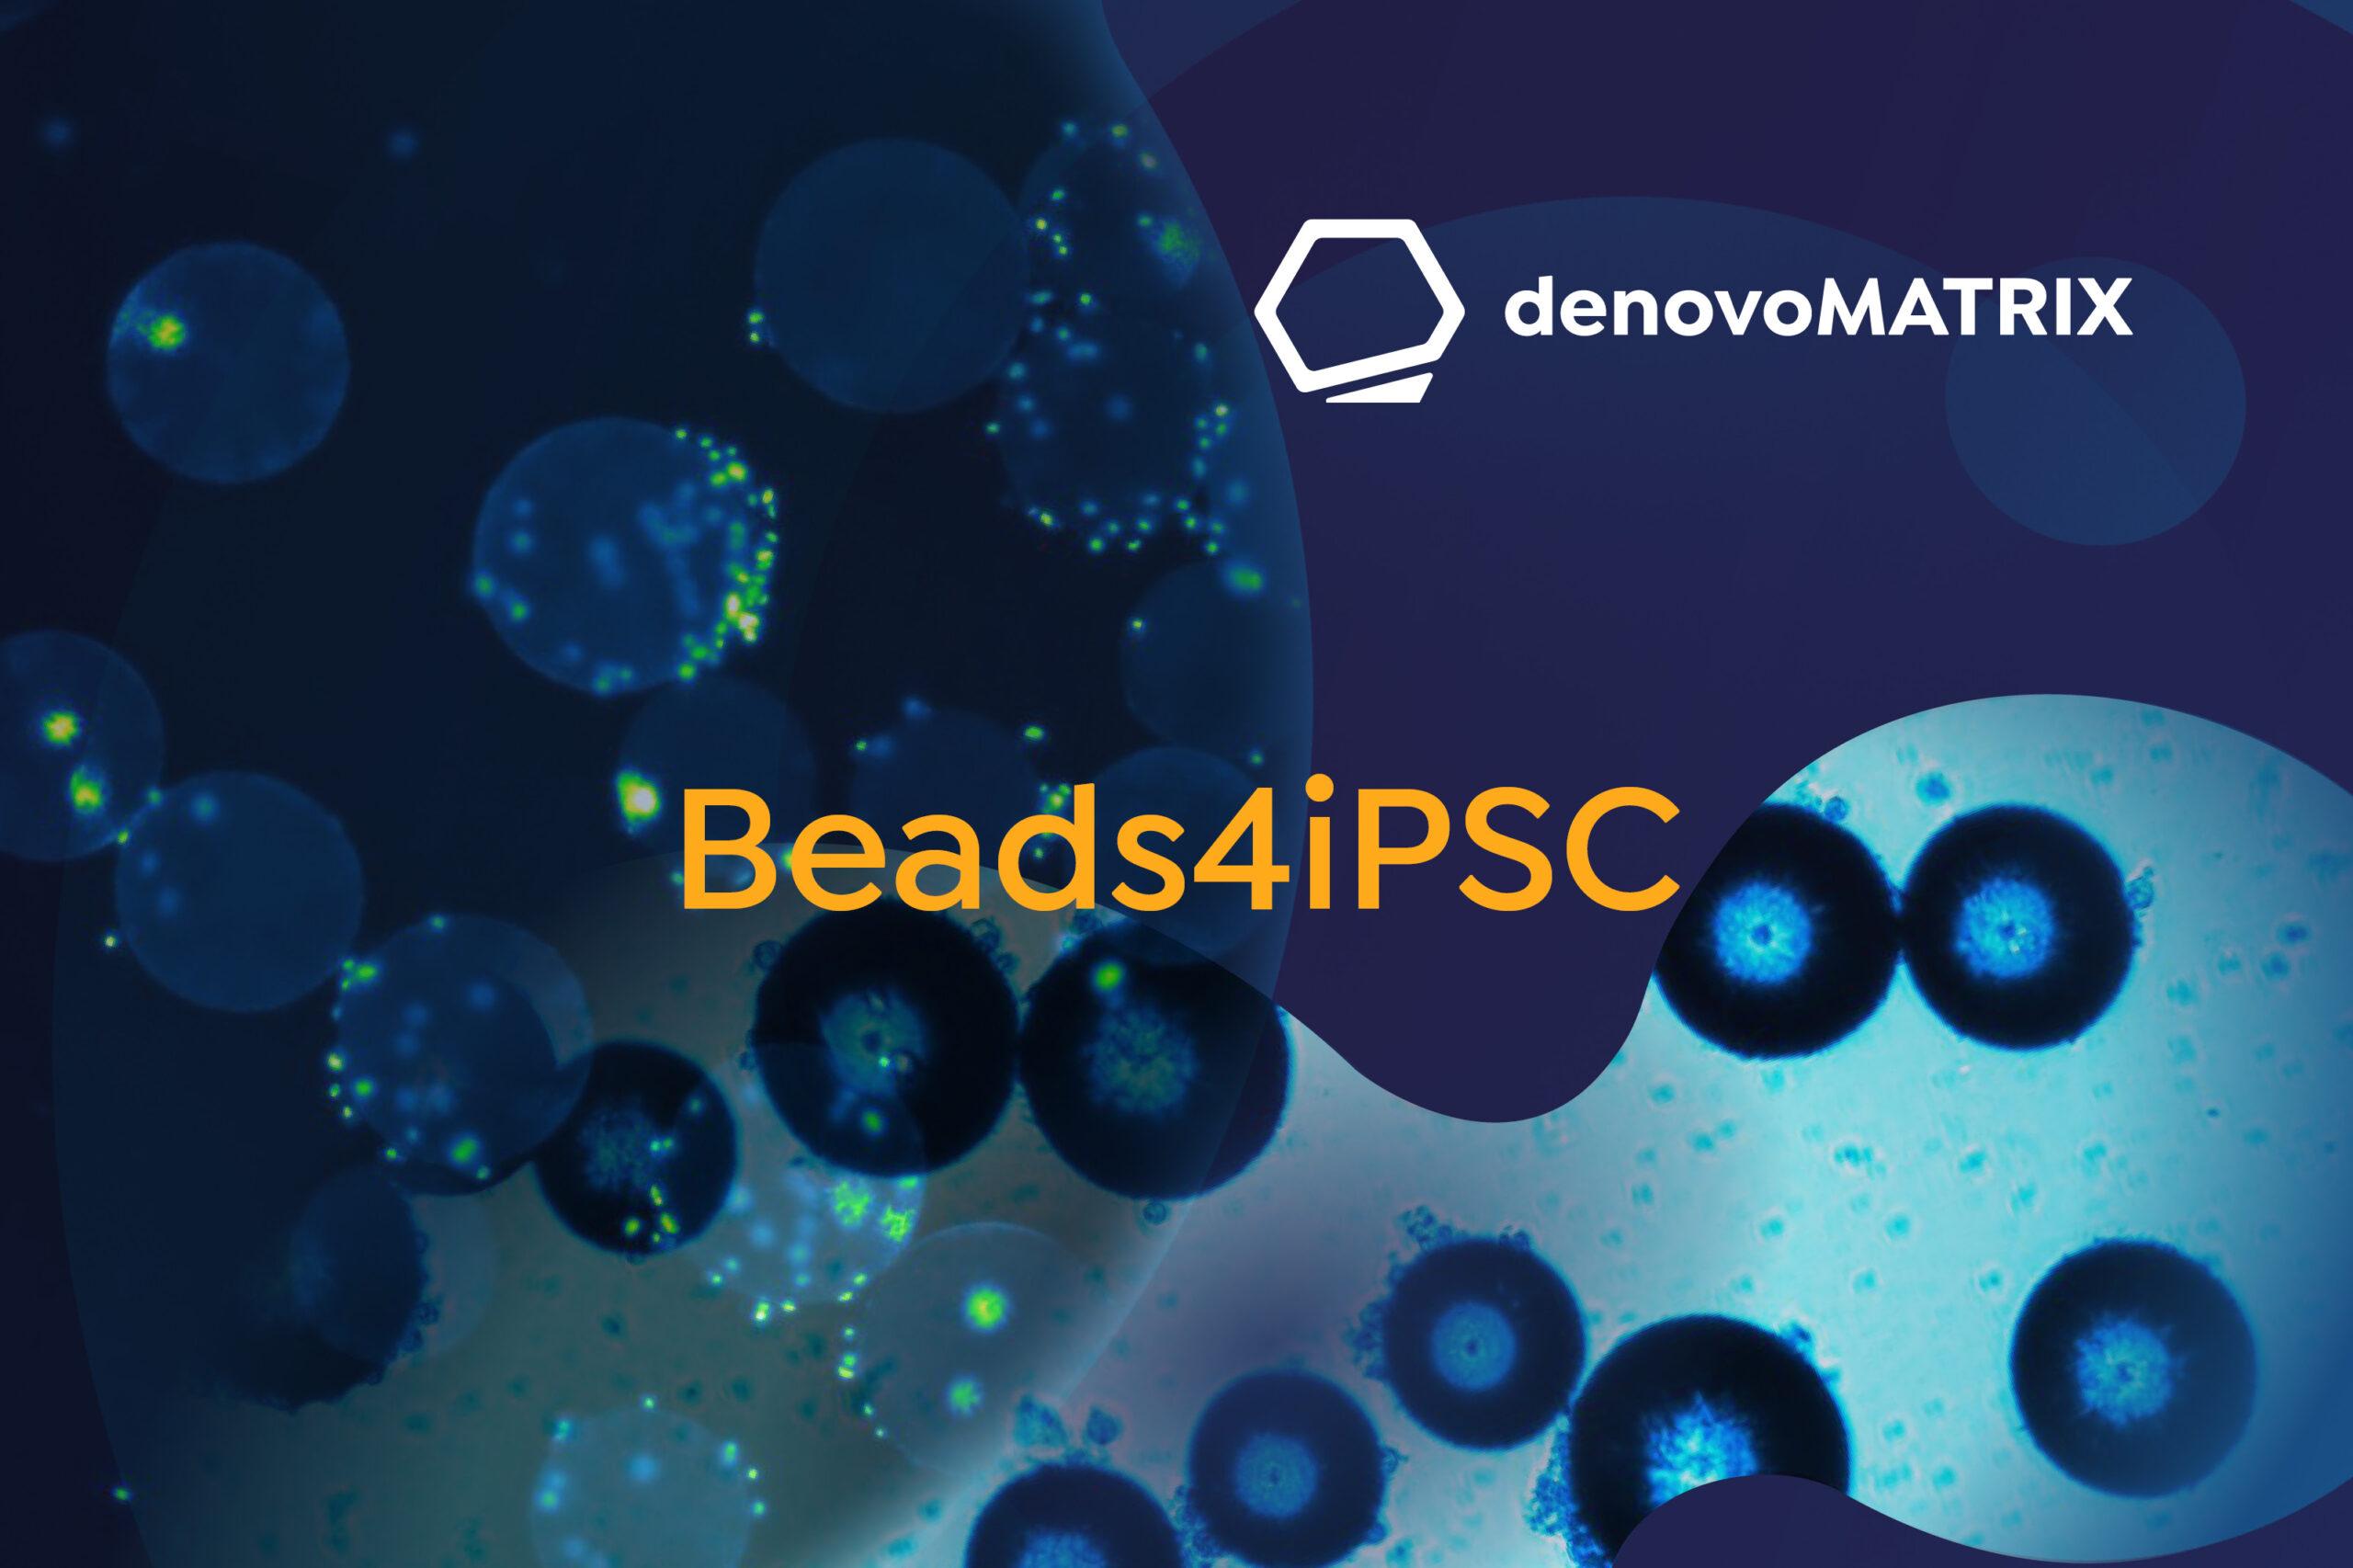 Beads4iPSC